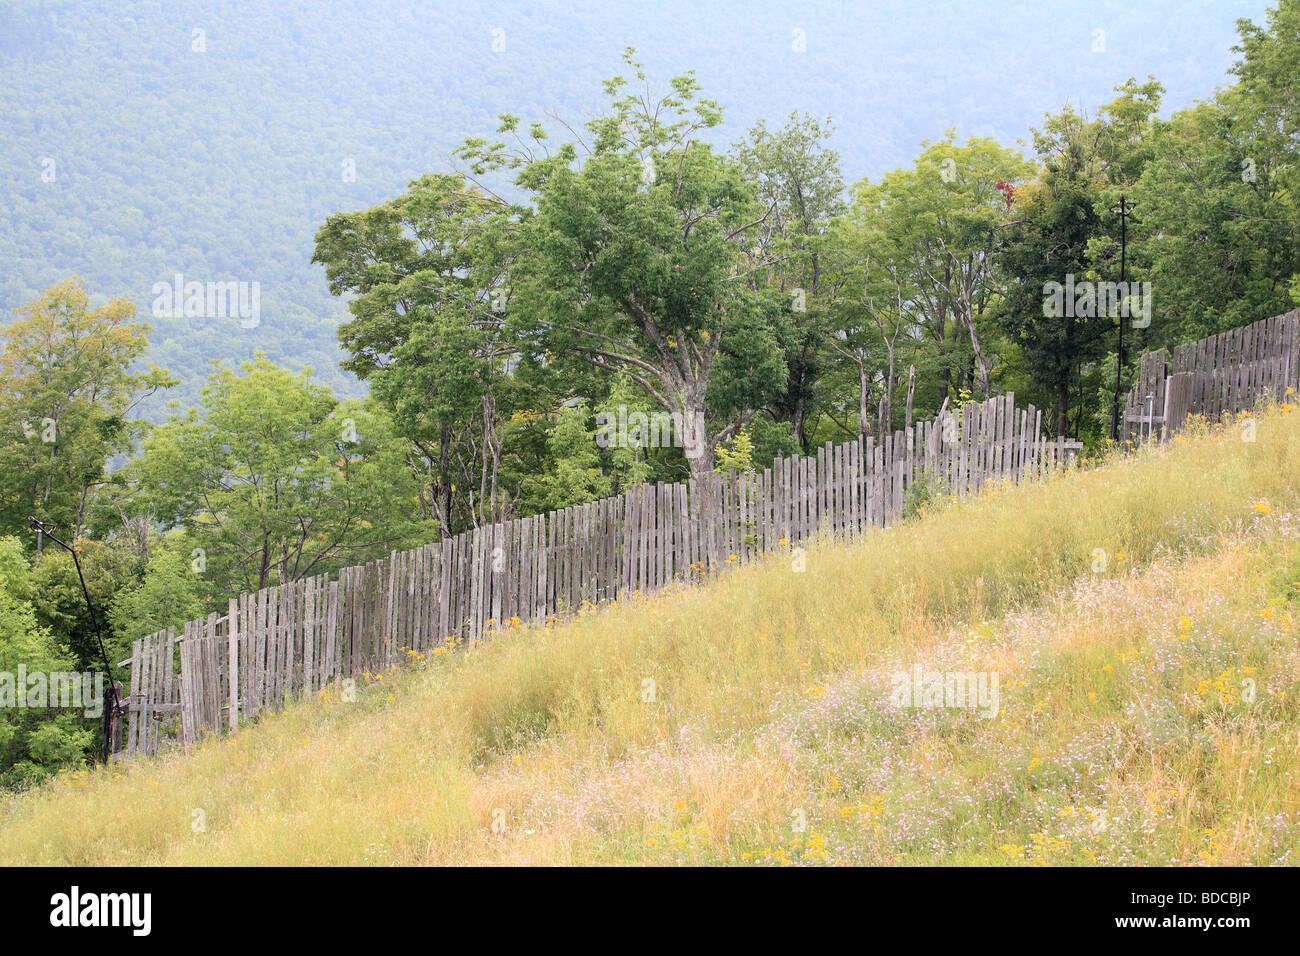 Berg-Feld und Zaun mit Wald im Hintergrund Stockbild